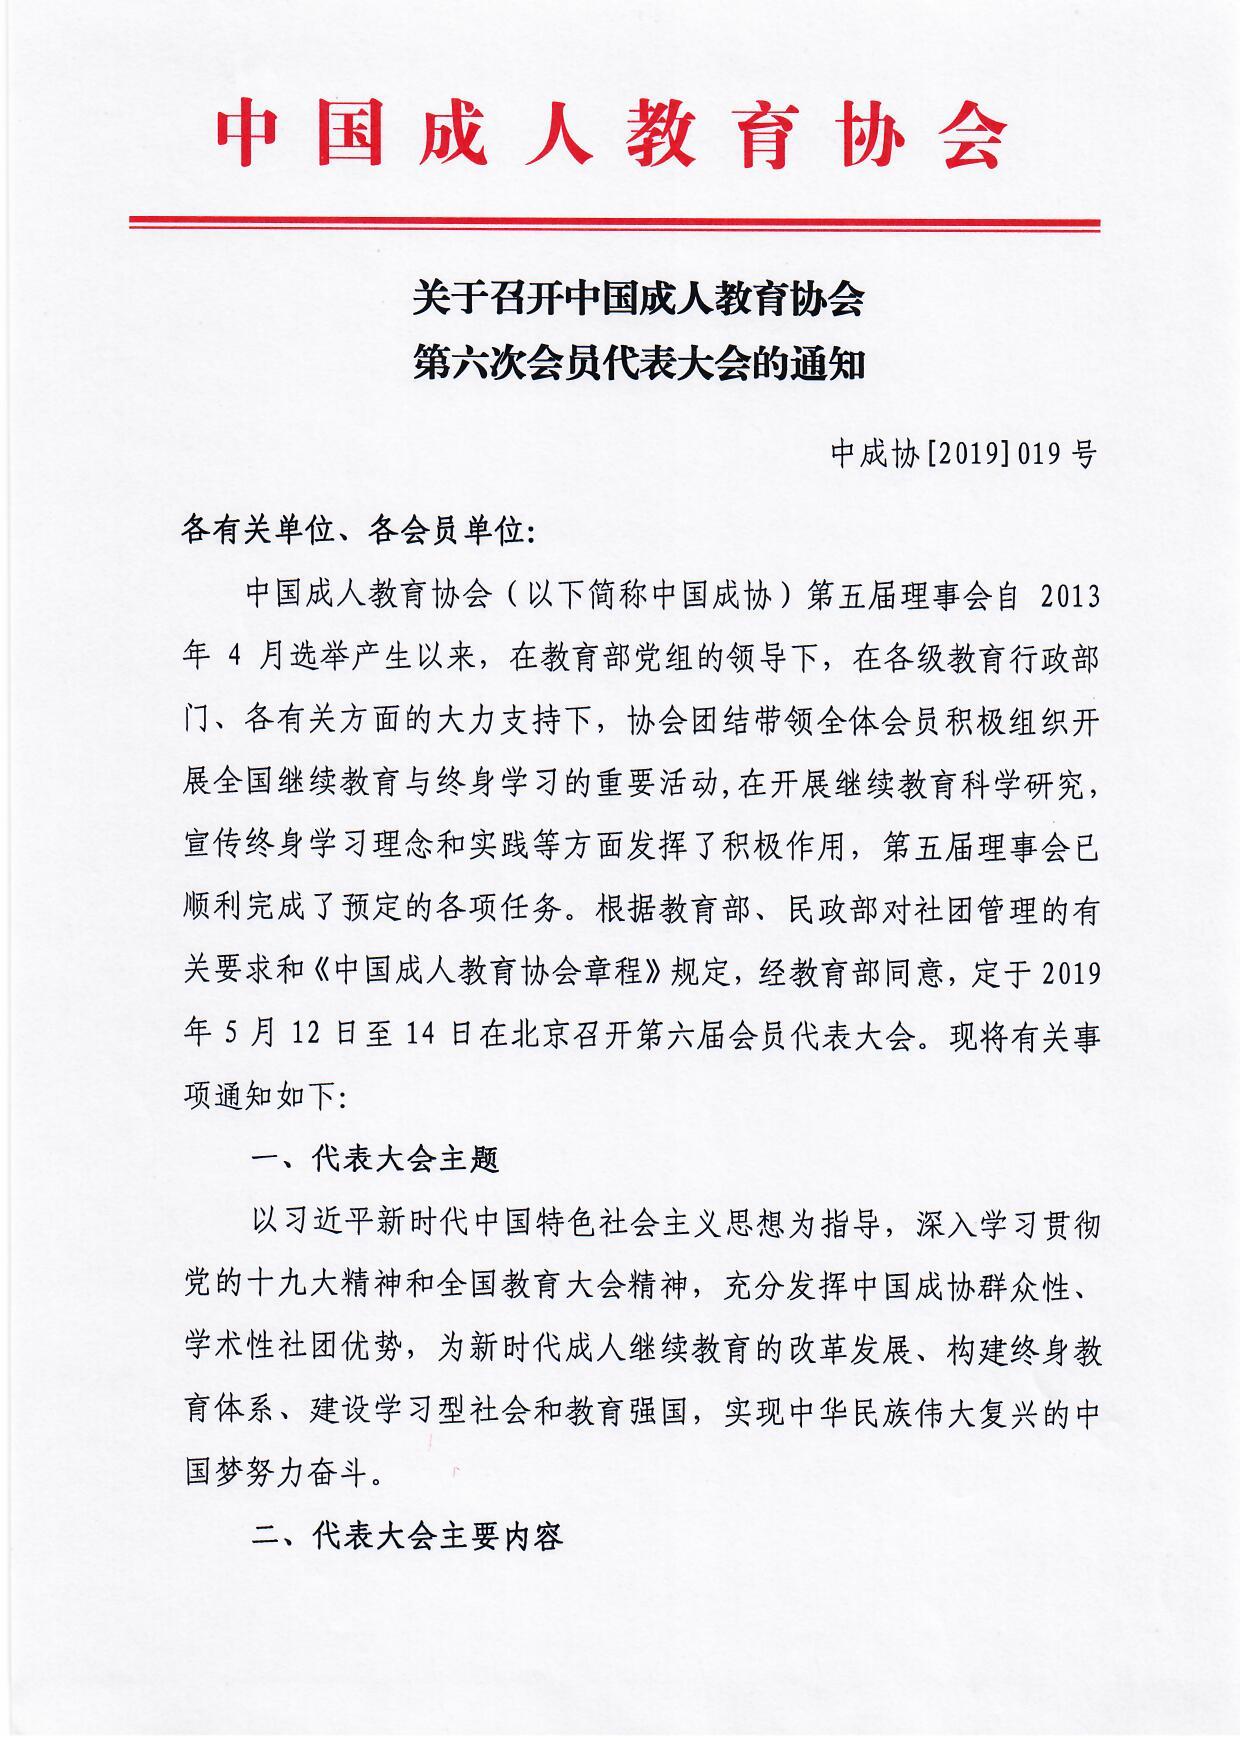 红头019号关于召开新皇冠体育第六次会员代表大会的通知190506稿_页面_1